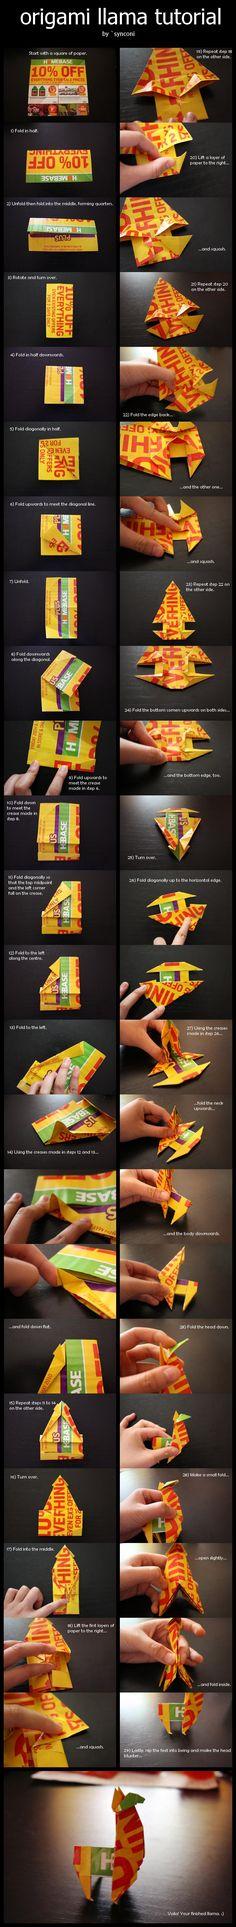 Origami Llama Tutorial by `synconi on deviantART